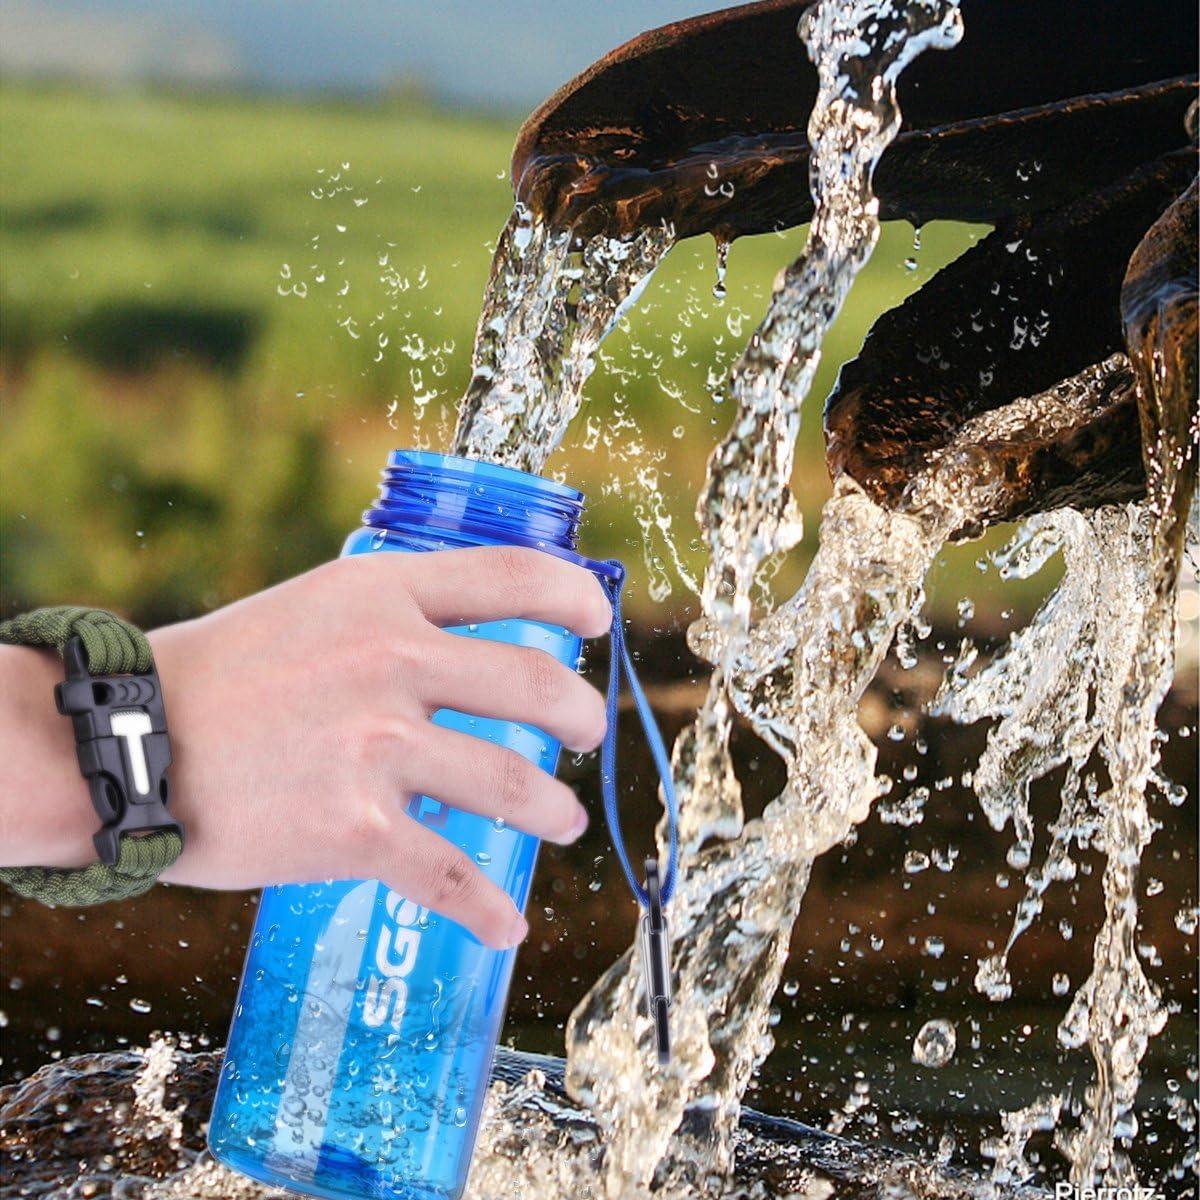 SGODDE Botella de Agua con Filtro, 2 Etapas Filtro Personal Integrado Paja para IR de Excursión Camping y Viajes - Supervivencia o Filtro de Emergencia- Botella de Agua Libre de BPA: Amazon.es: